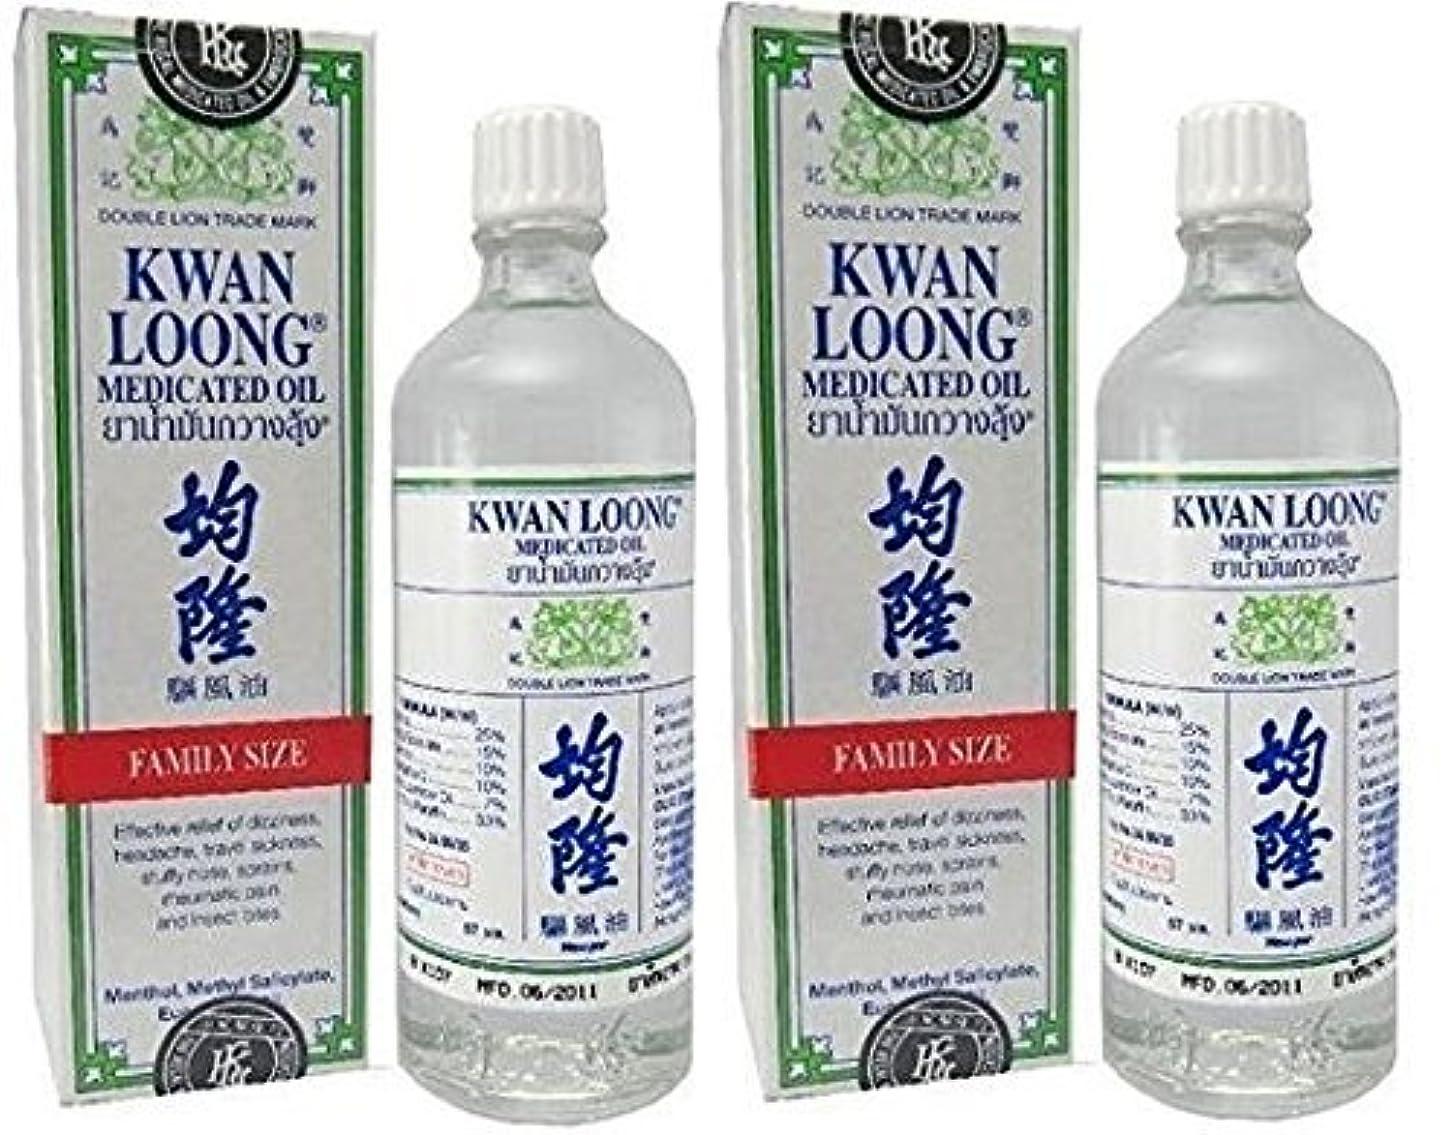 流出資格まさにクワンルーン薬用オイル 2 x 57ミリリットル 2 x Kwan Loong Medicated Oil 57ml. Free Shipping.